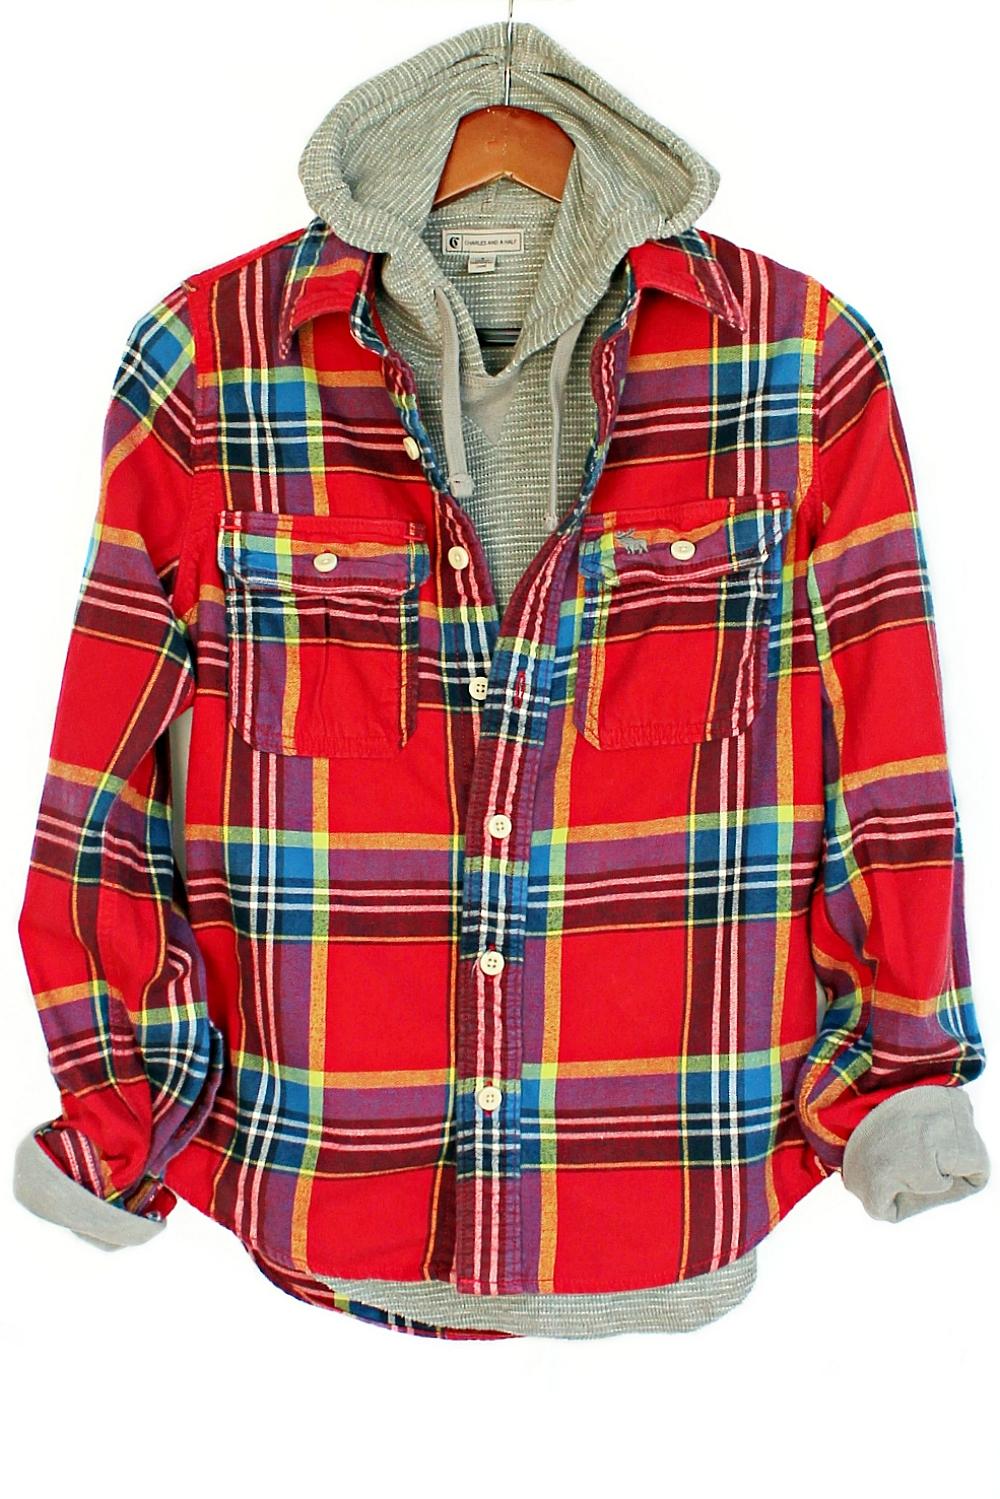 Bluffs Beach Button-Down Shirt | Just Vu